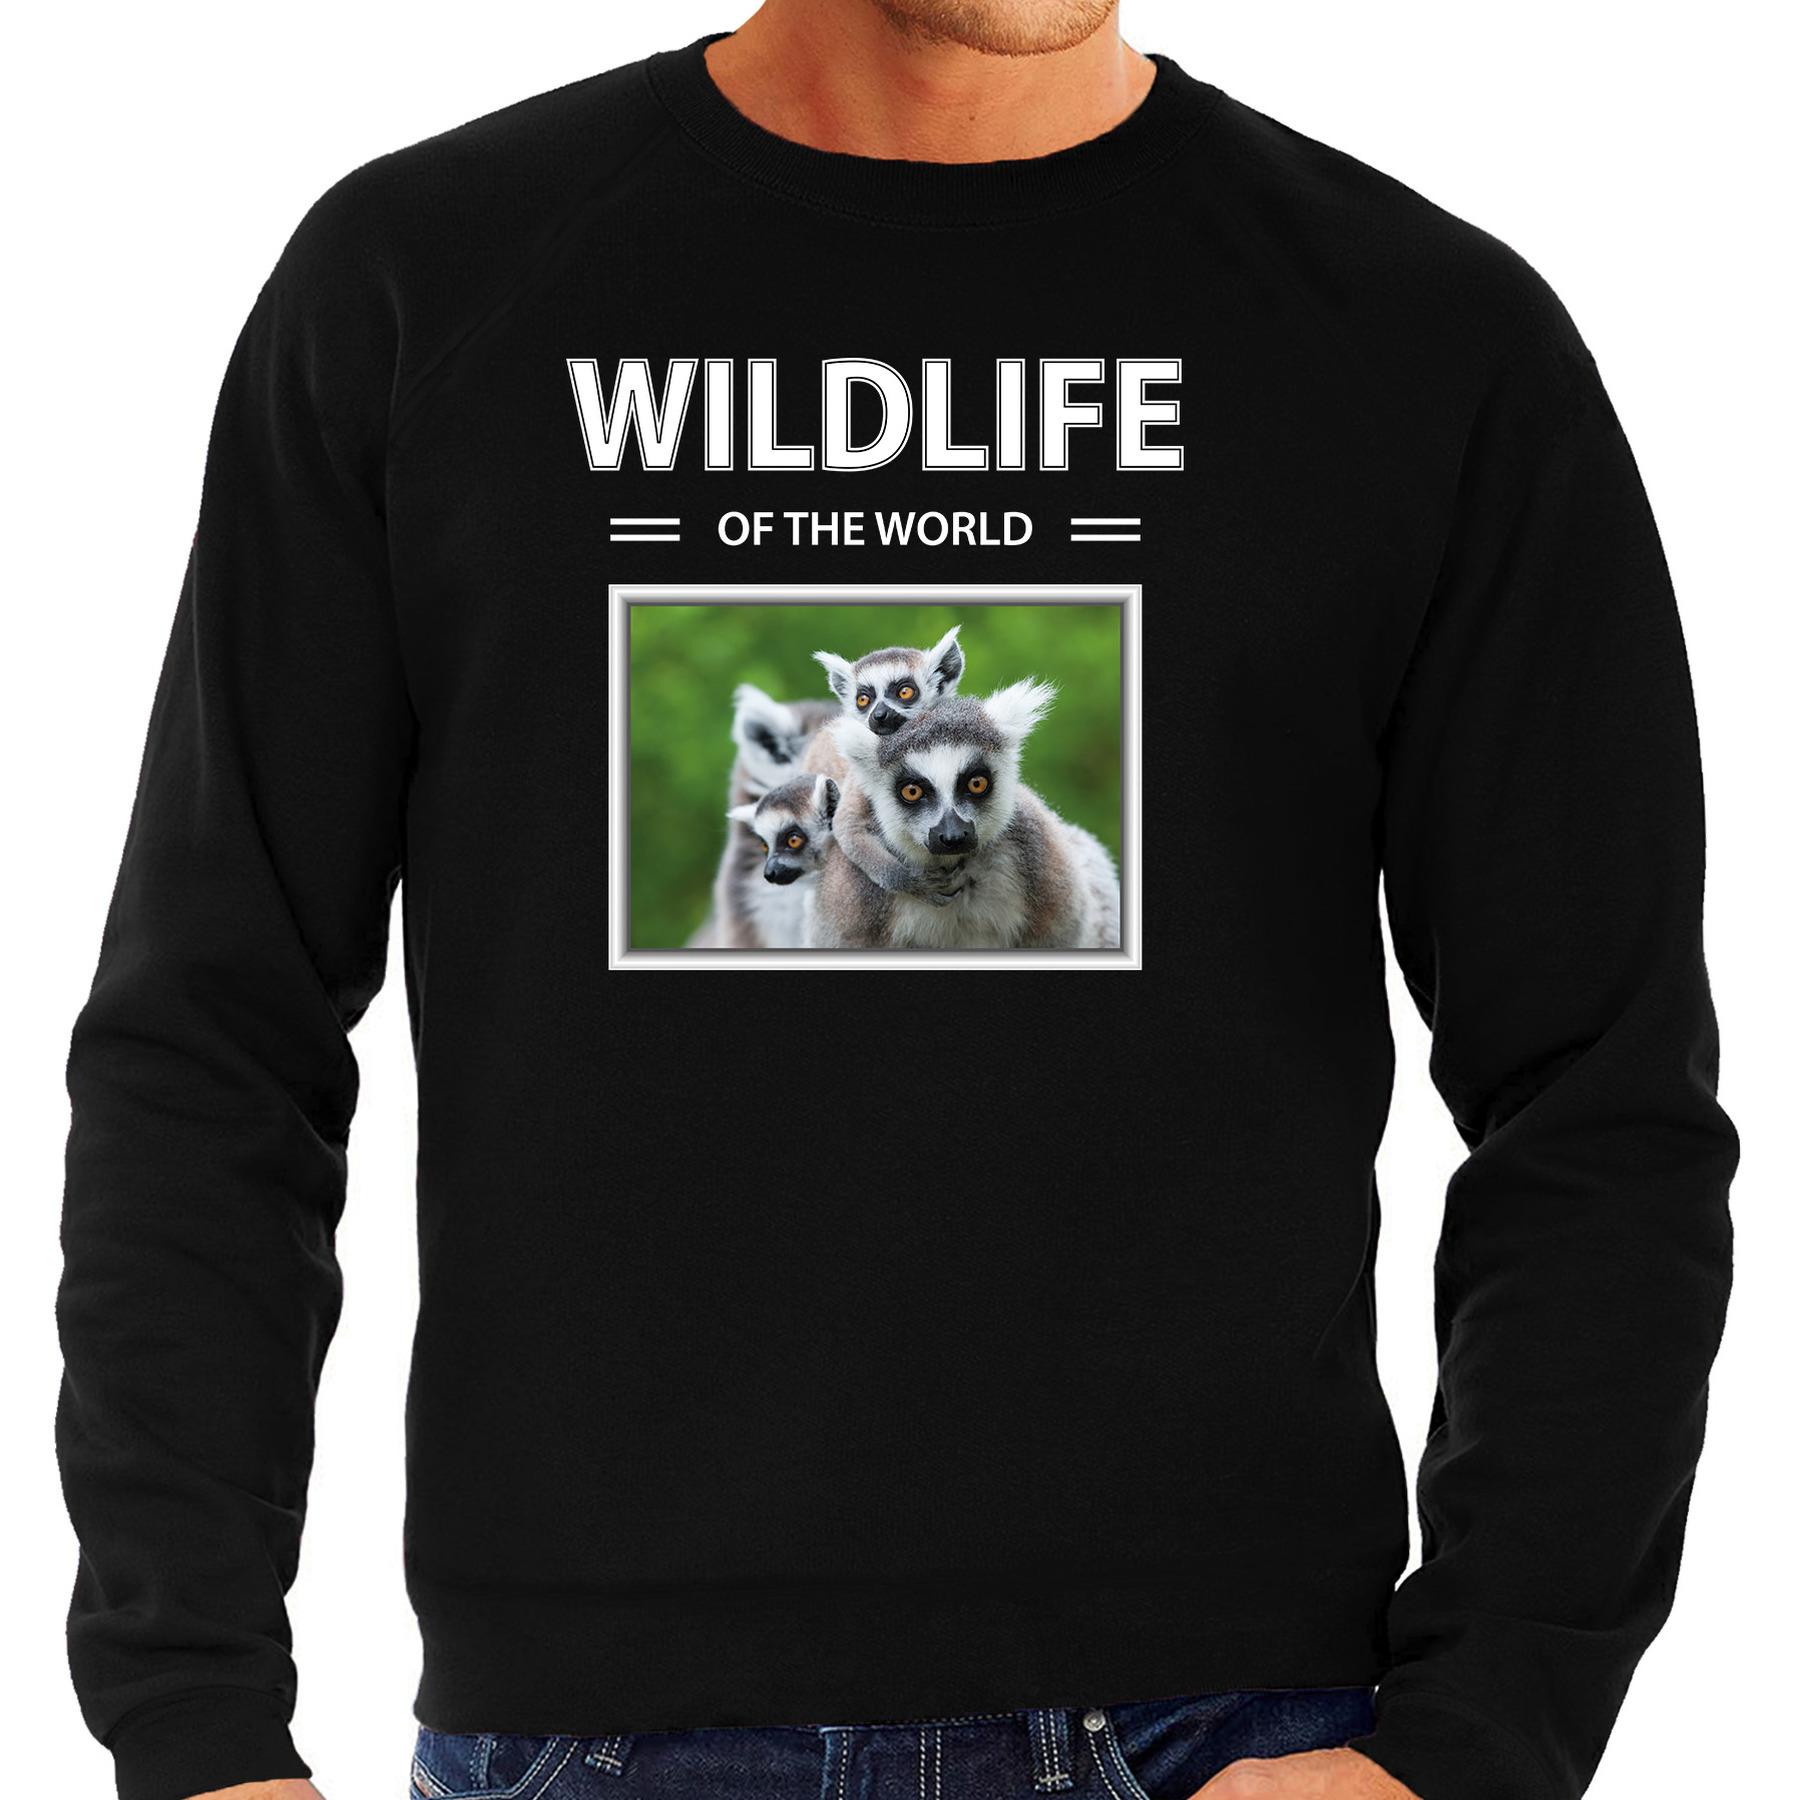 Ringstaart maki foto sweater zwart voor heren - wildlife of the world cadeau trui Ringstaart makis liefhebber